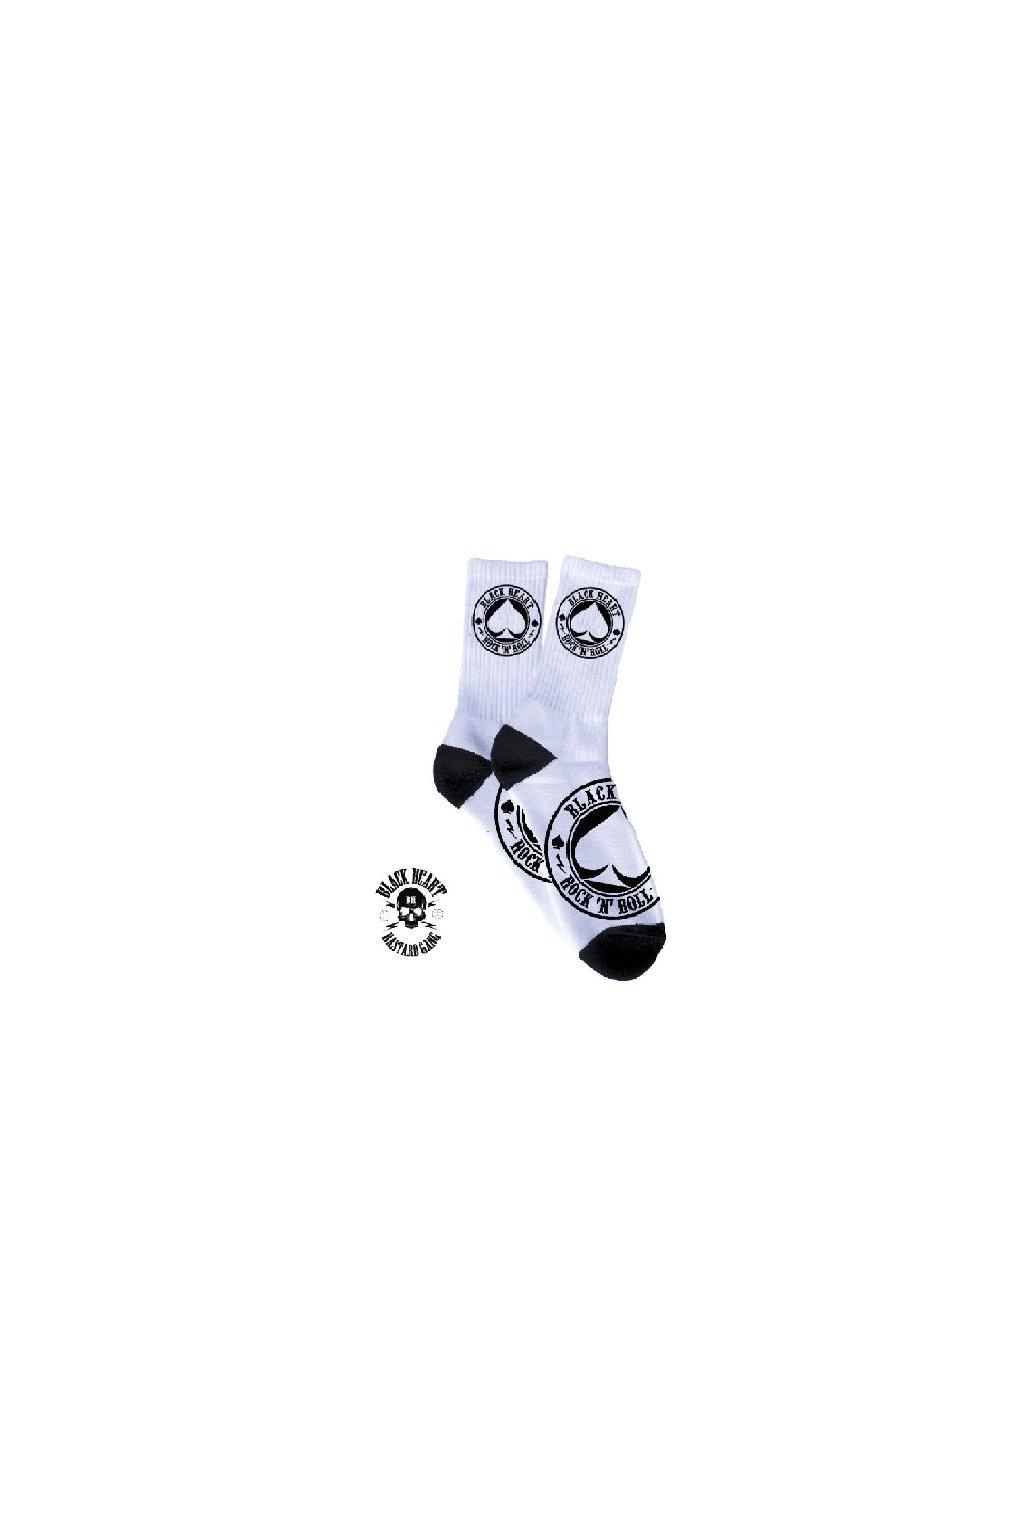 Ponožky BLACK HEART ACE OF SPADES přední strana